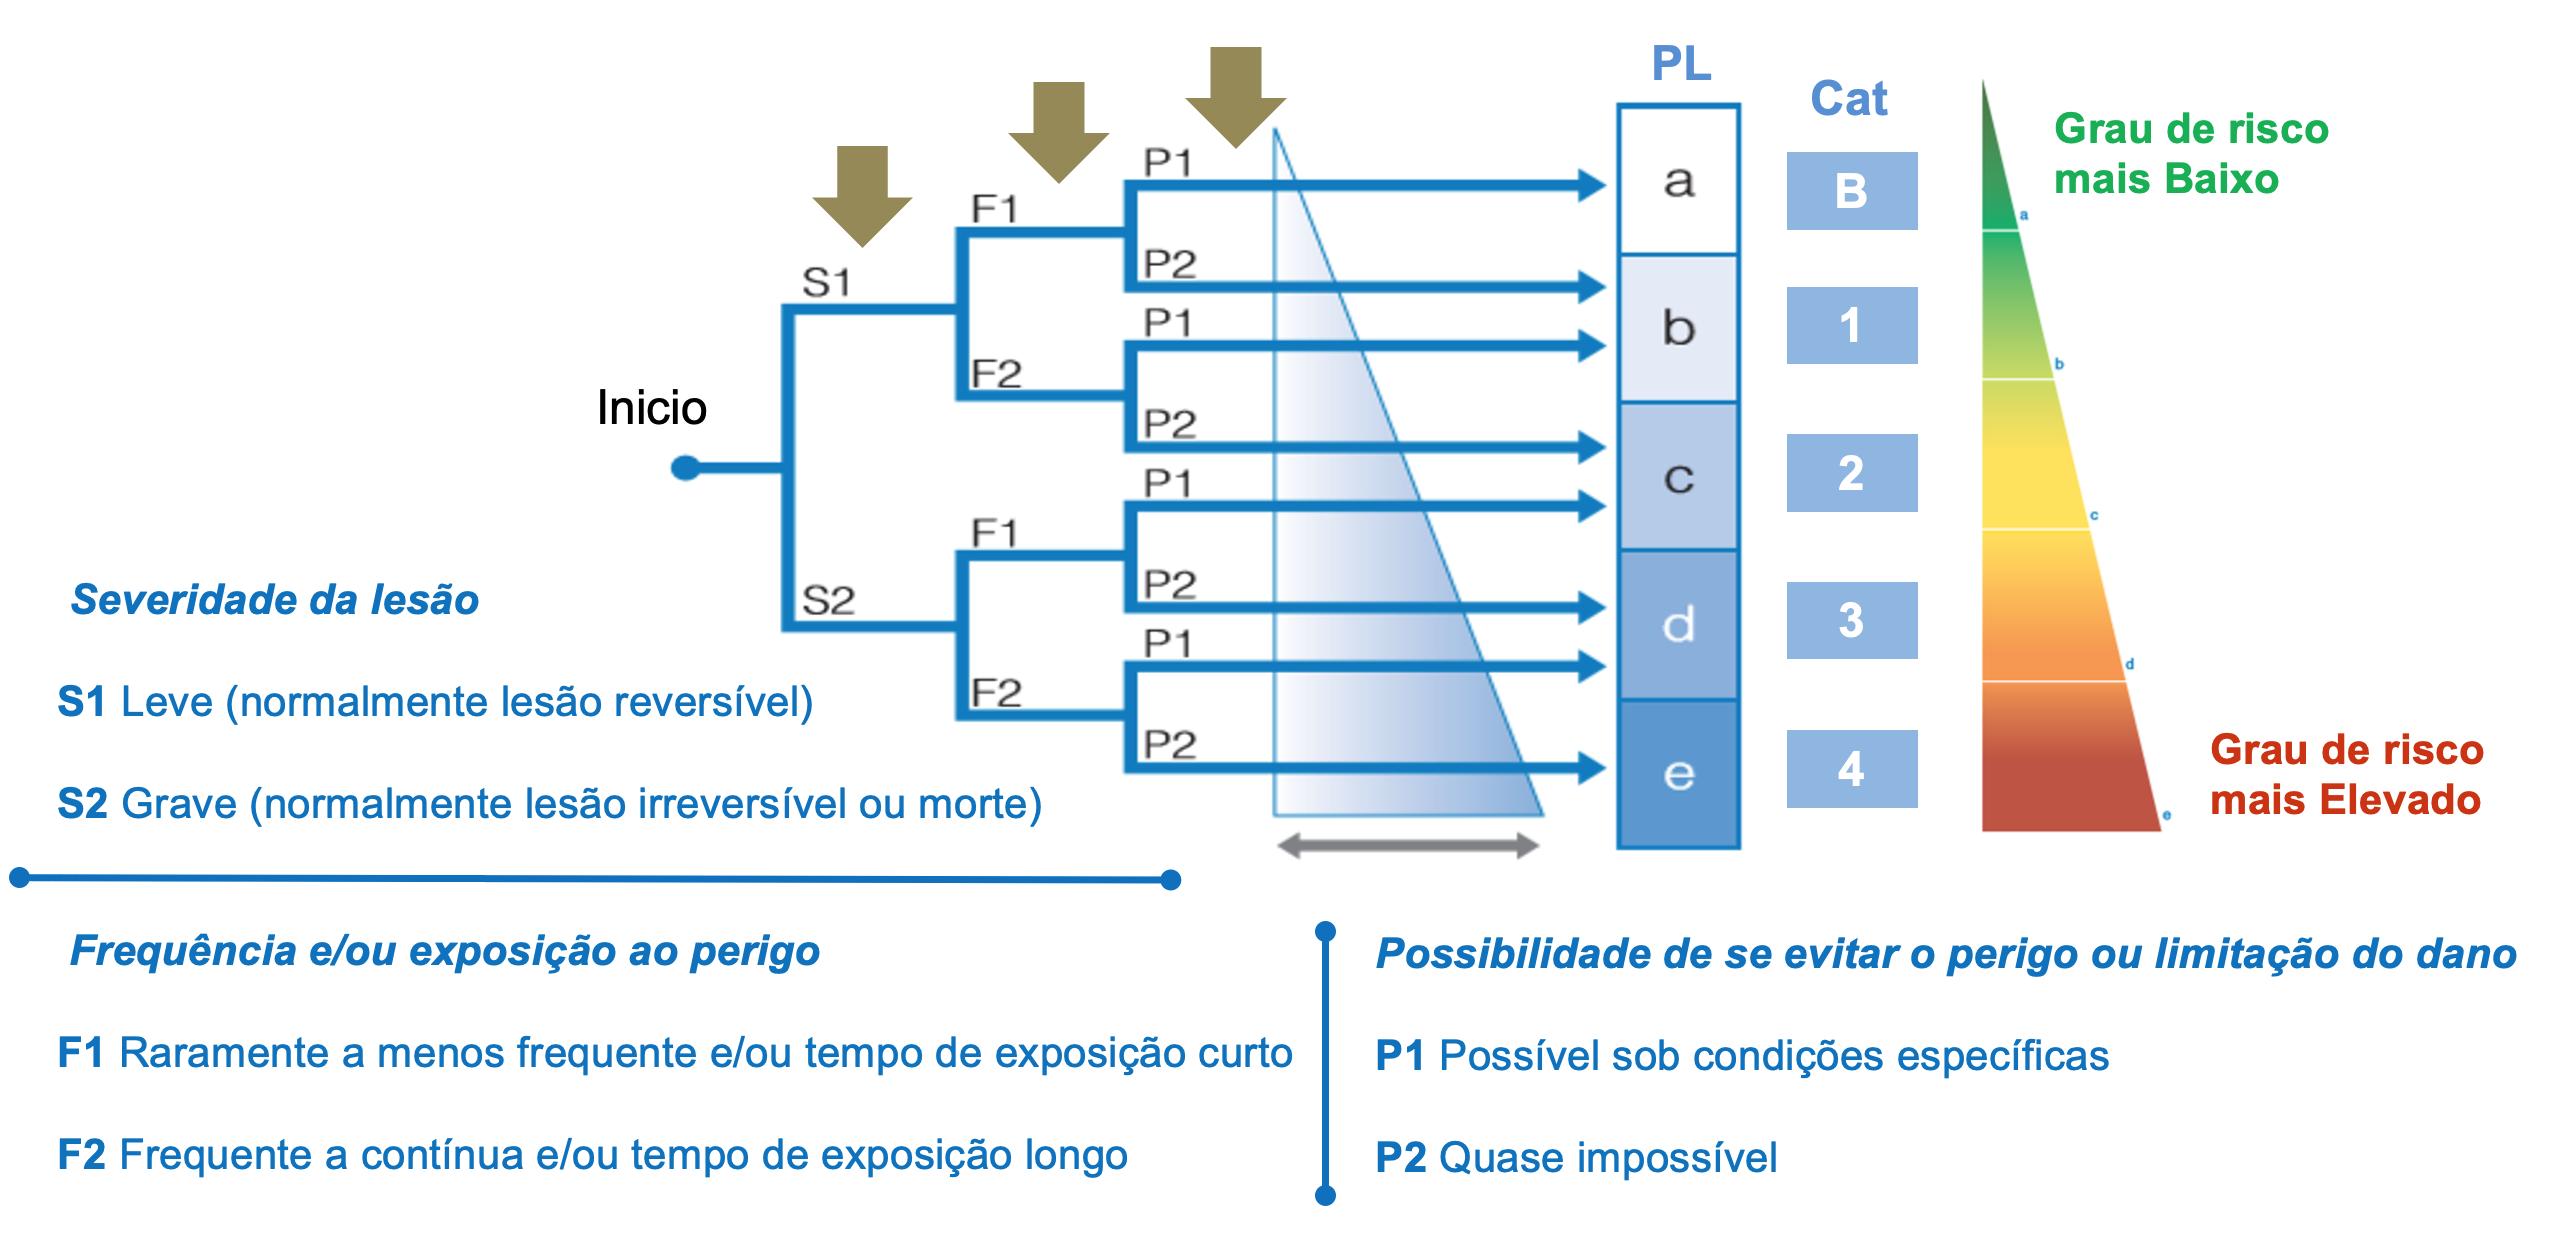 Gráfico de risco para determinação do PL, requerido para a função de segurança | SMC